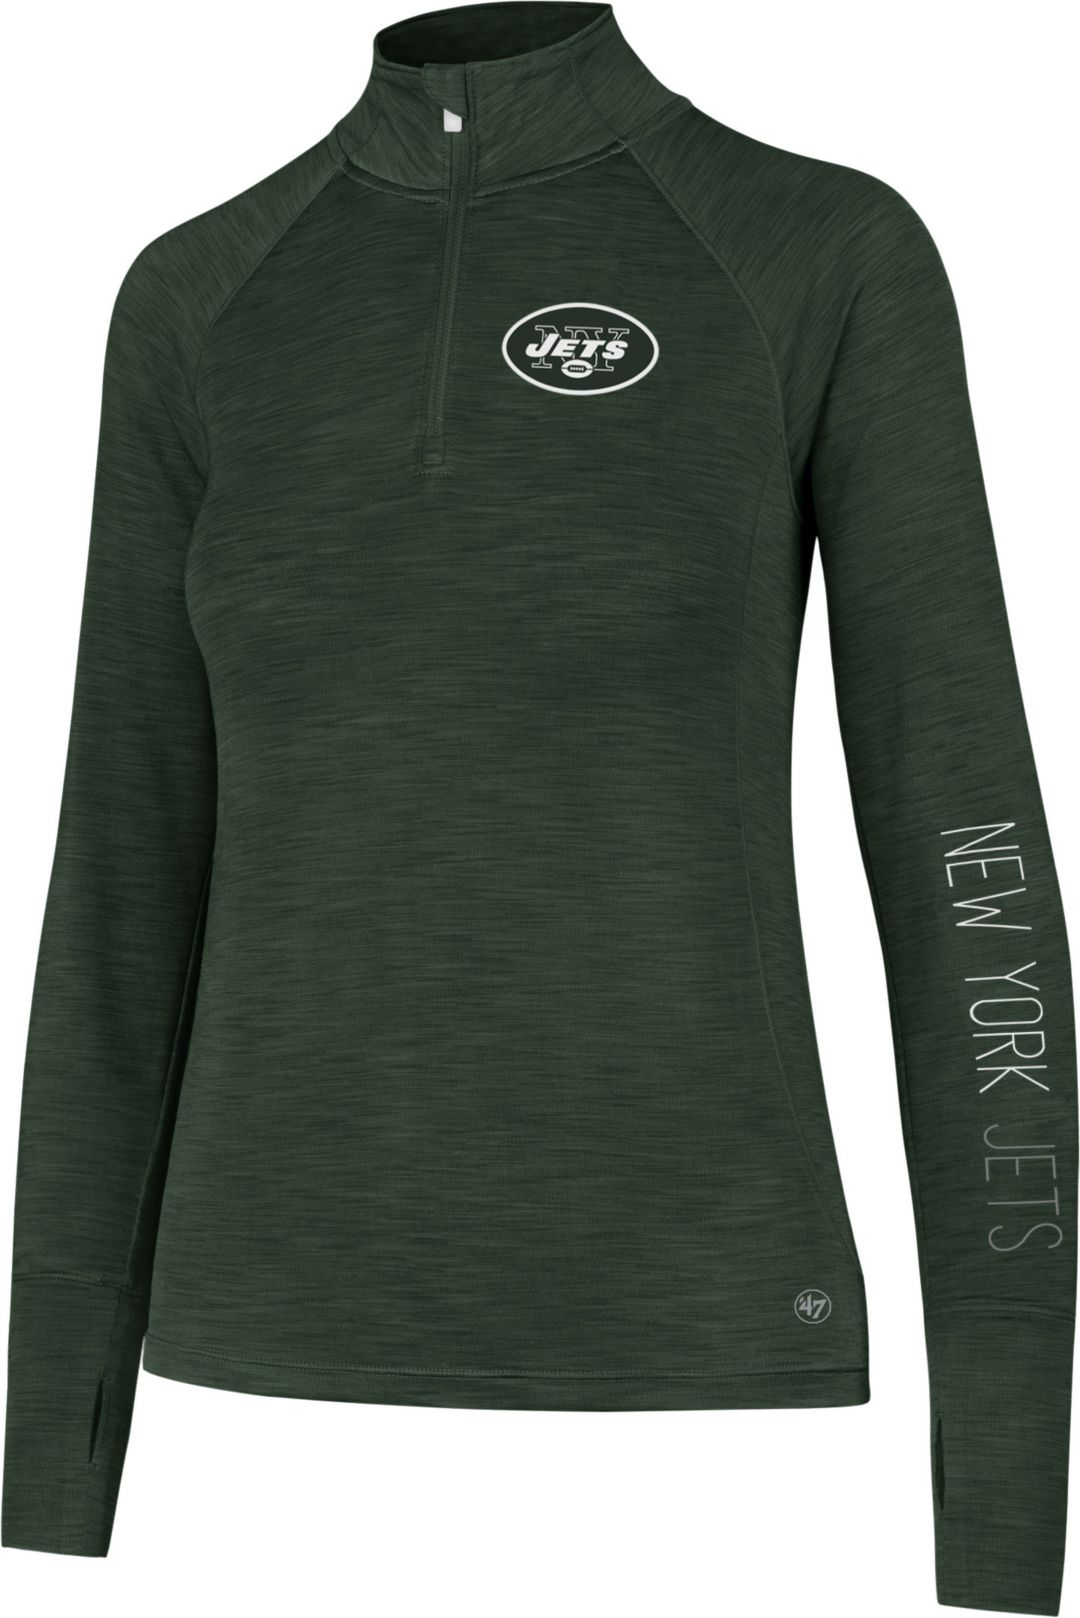 de5b0935 '47 Women's New York Jets Shade Green Quarter-Zip Pullover